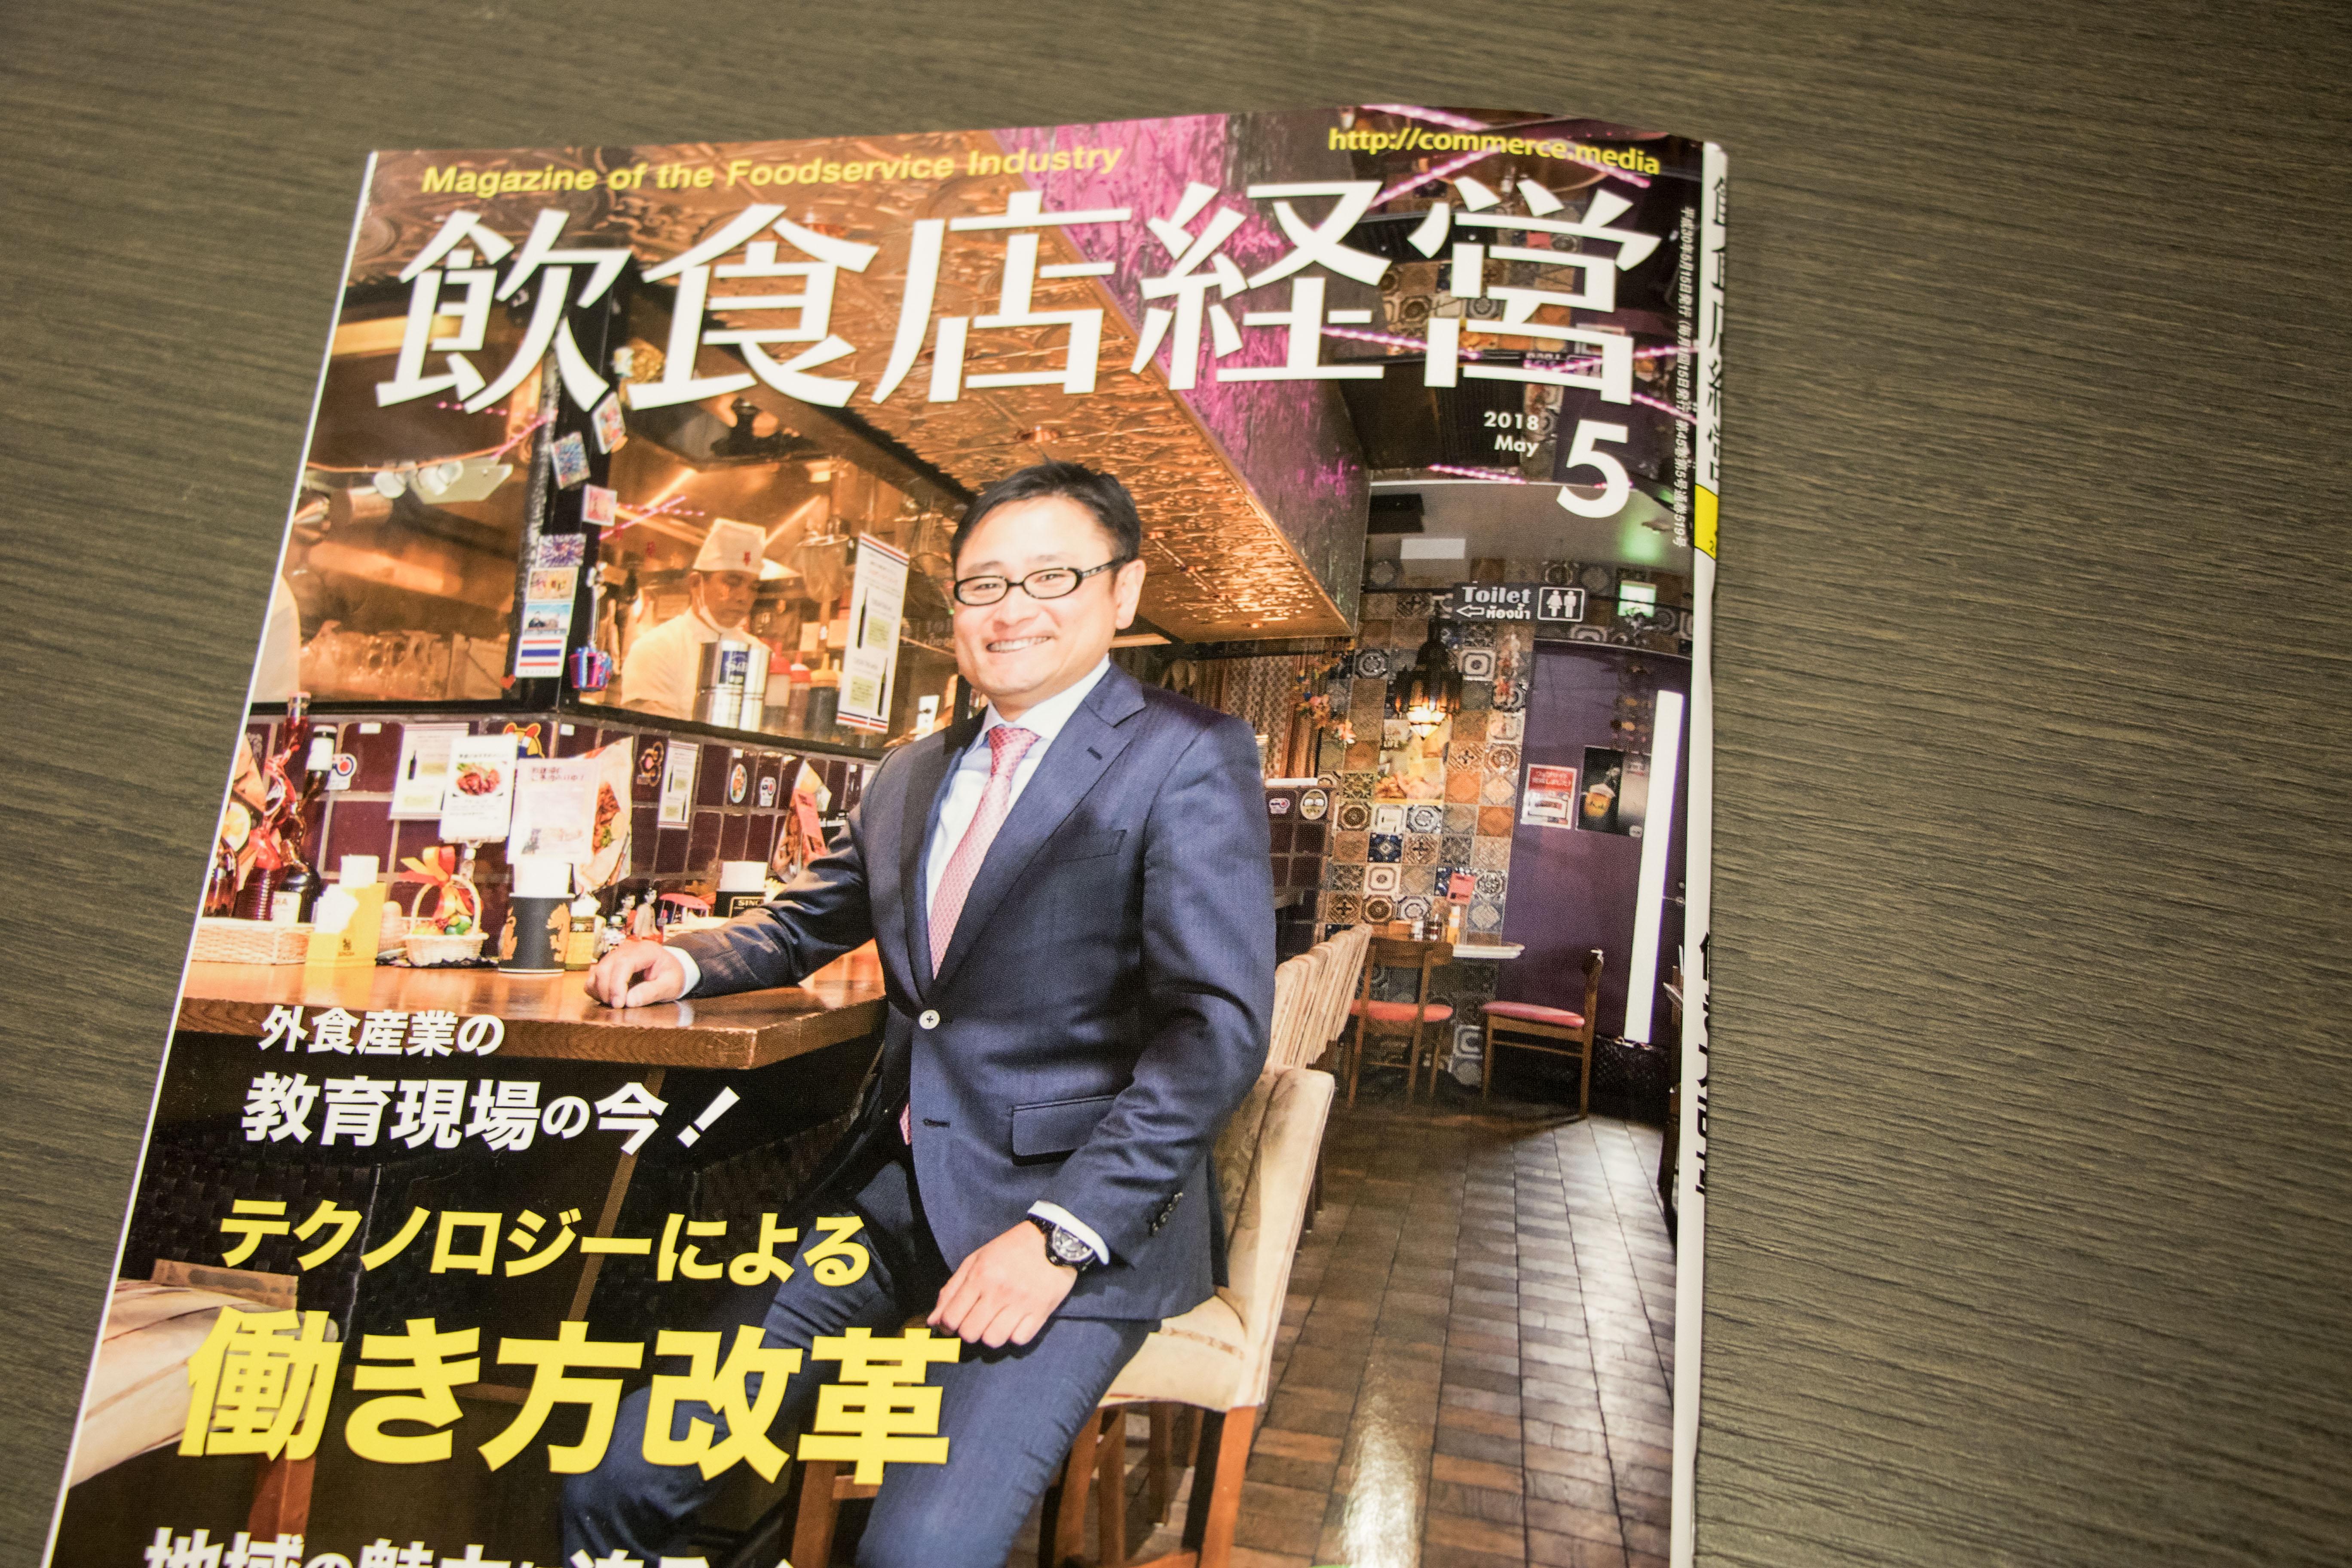 雑誌「飲食店経営」(5月号)に掲載されました!